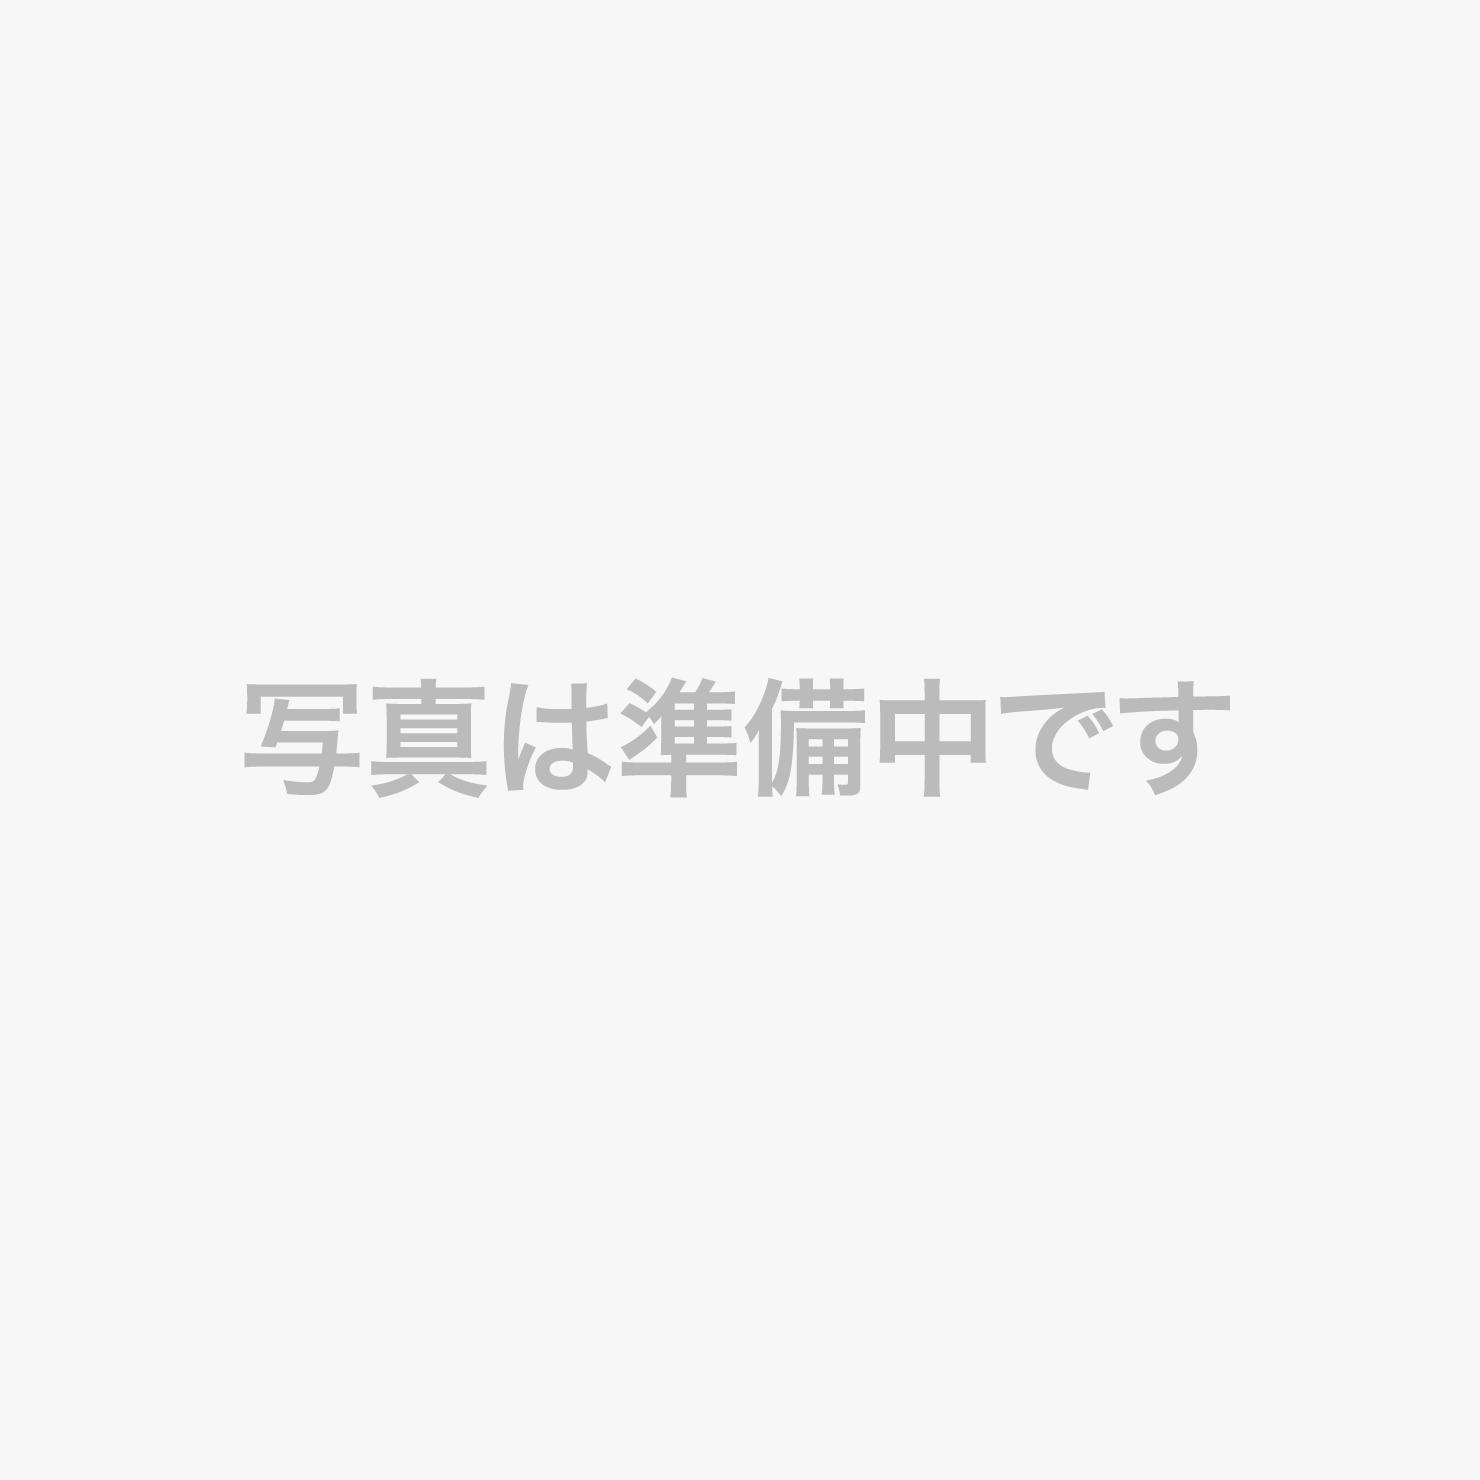 本館・プレミアムフロア ジュニアスイートEASTダブル